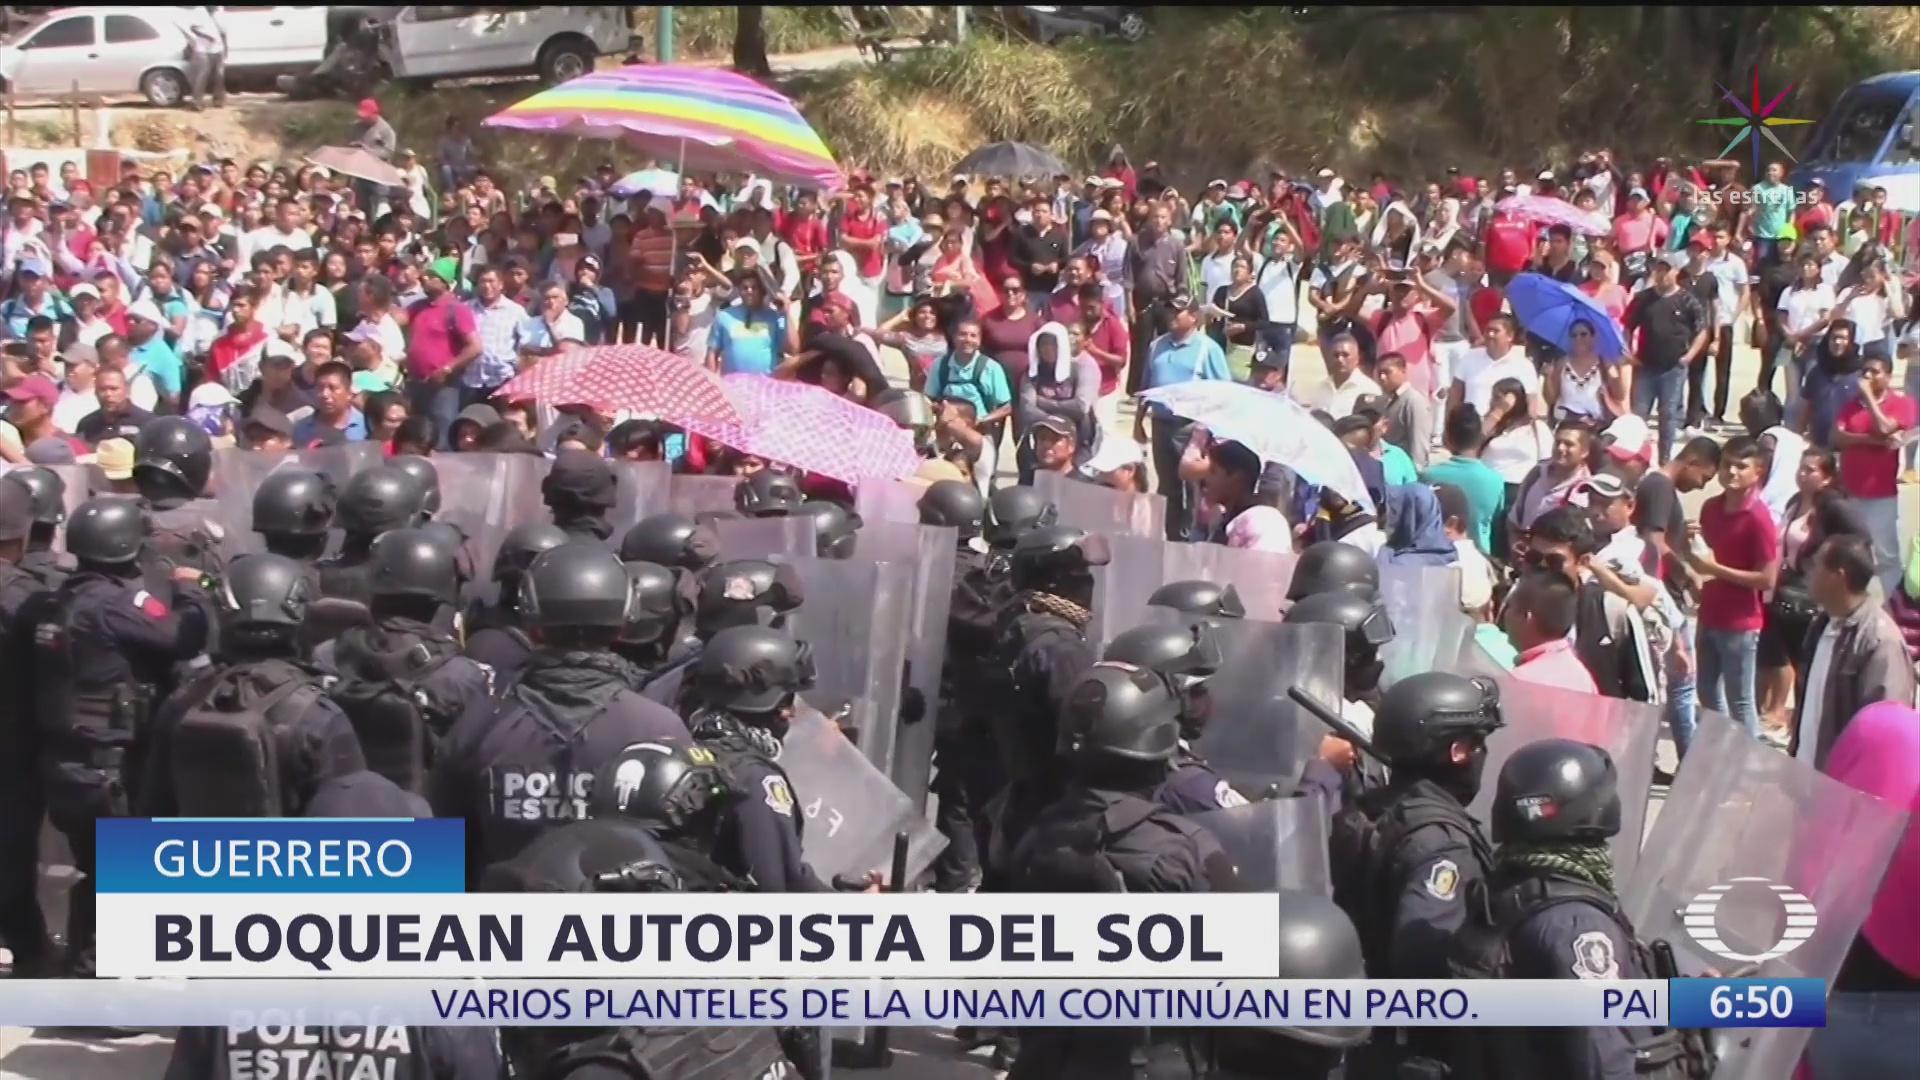 policia antimotines desaloja con gases a manifestantes en guerrero